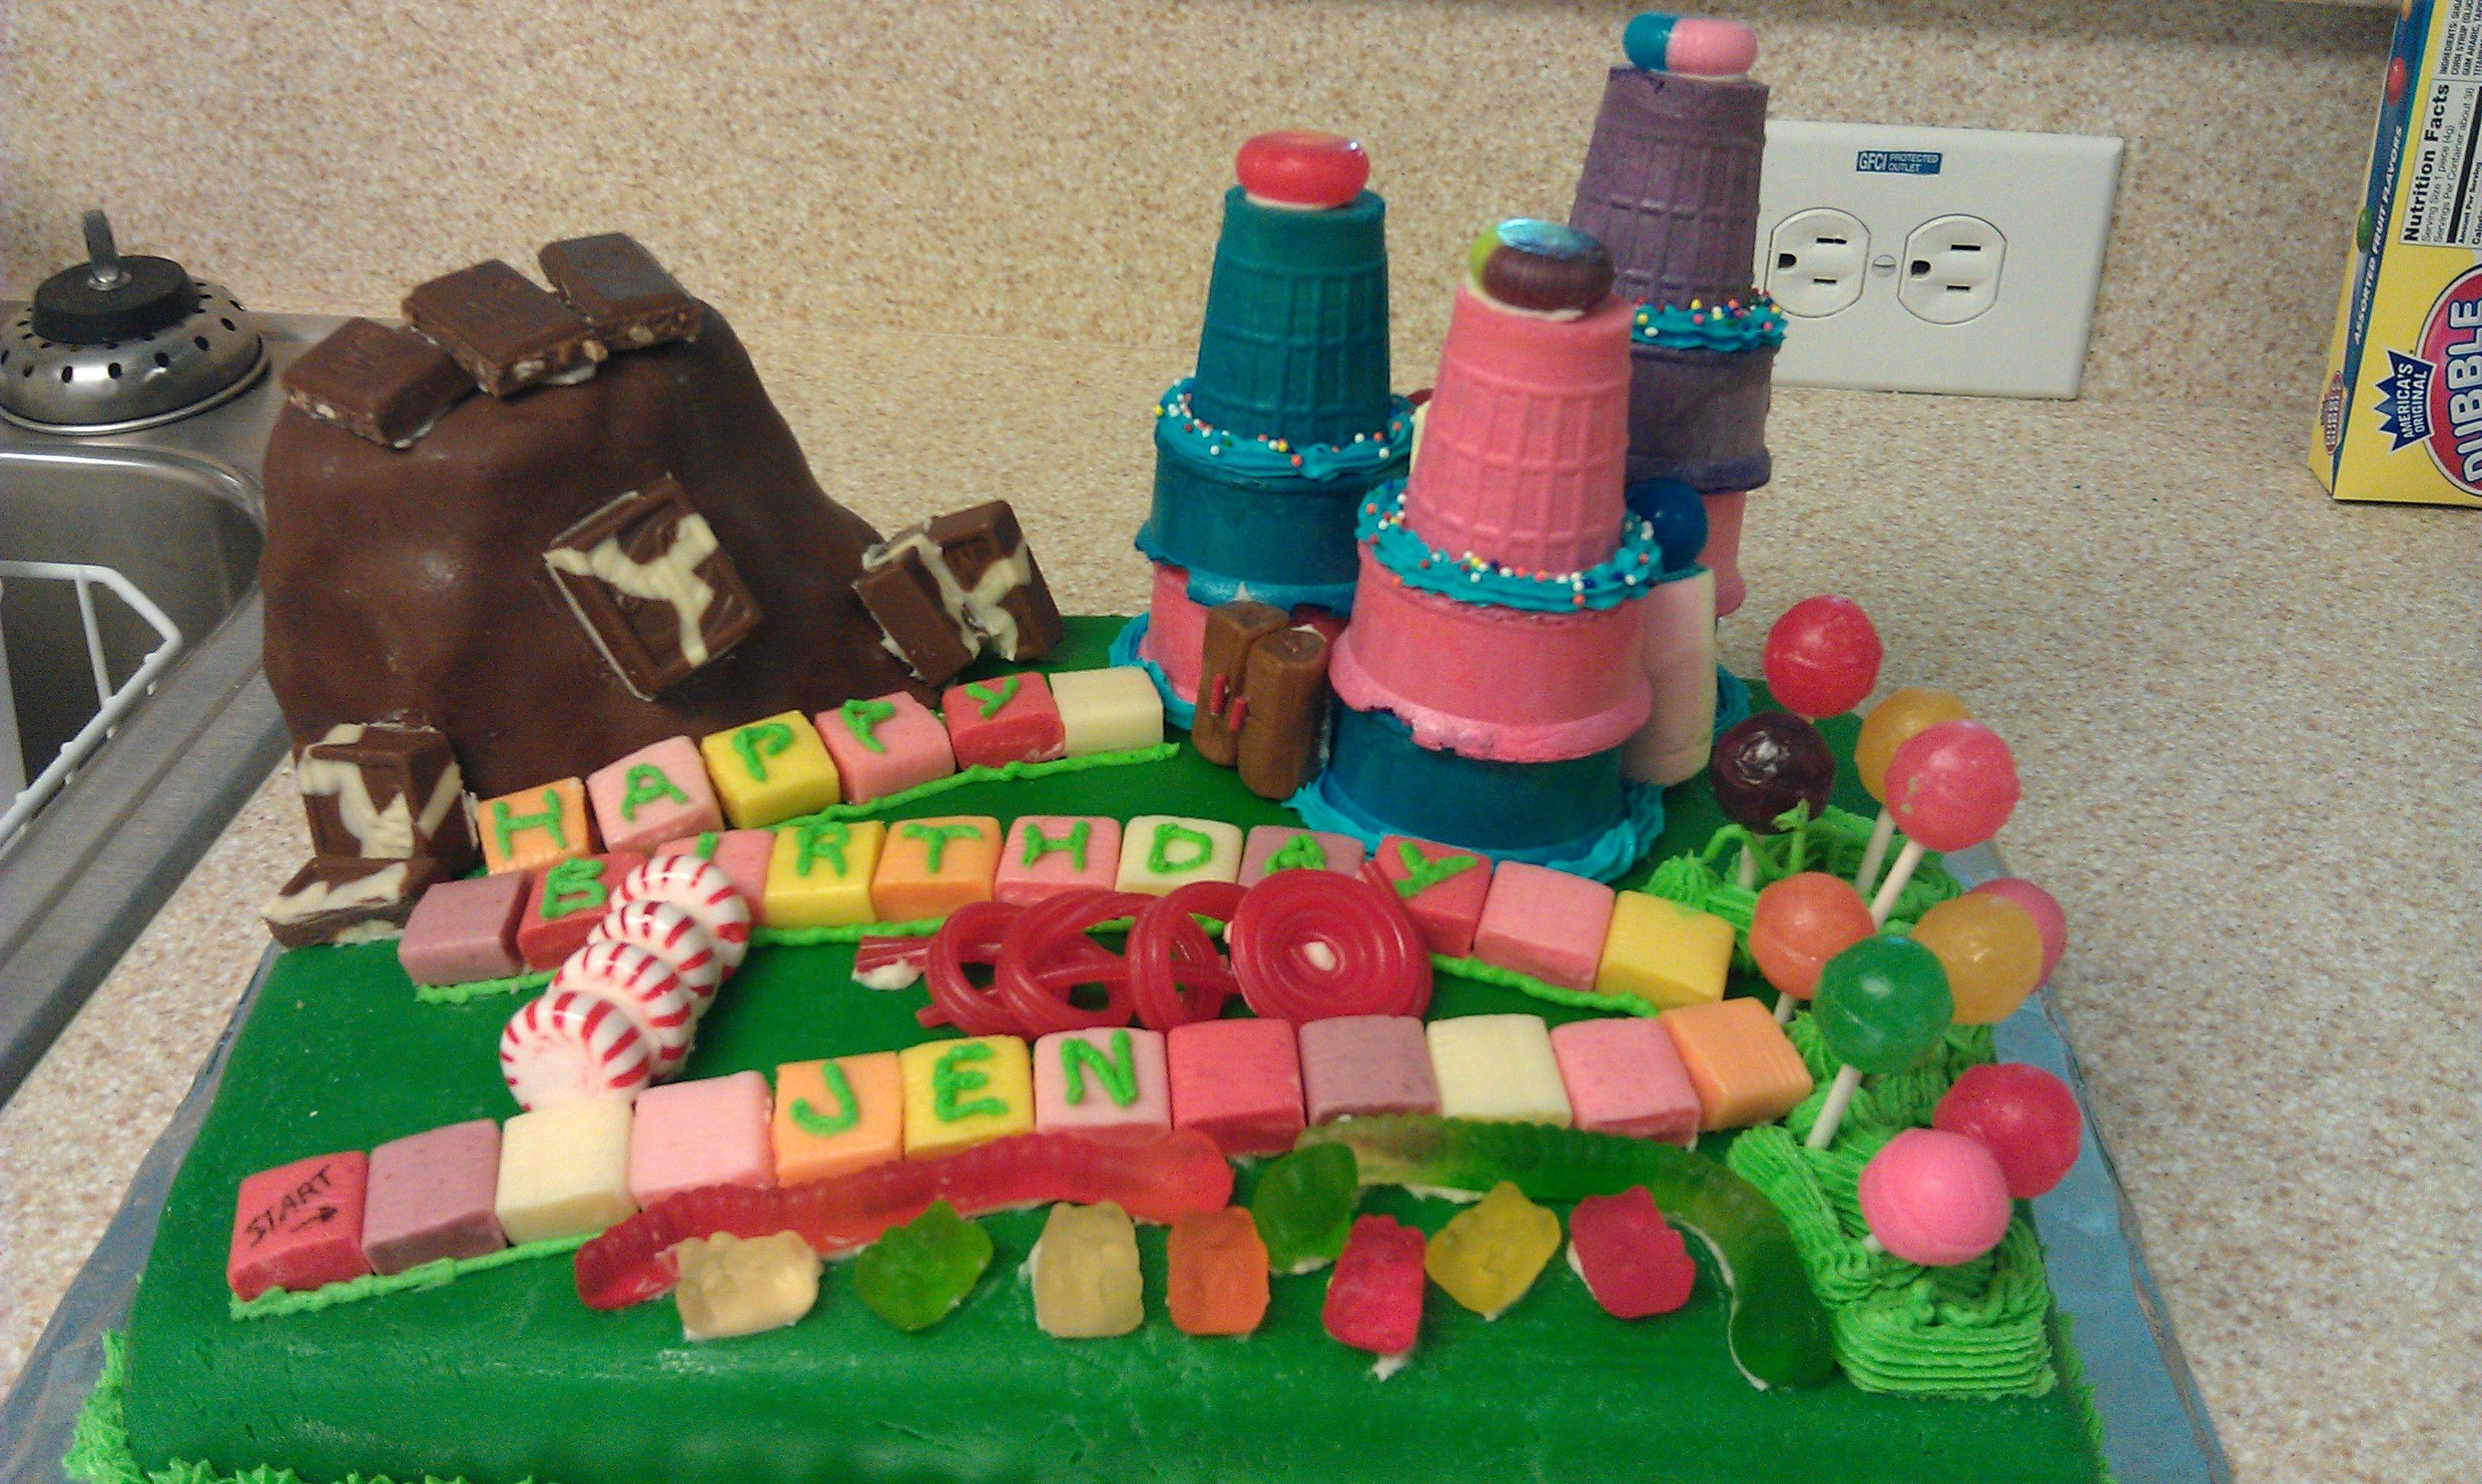 Pin by Sandi Goodrich on cakes I gotta make someday | Pinterest